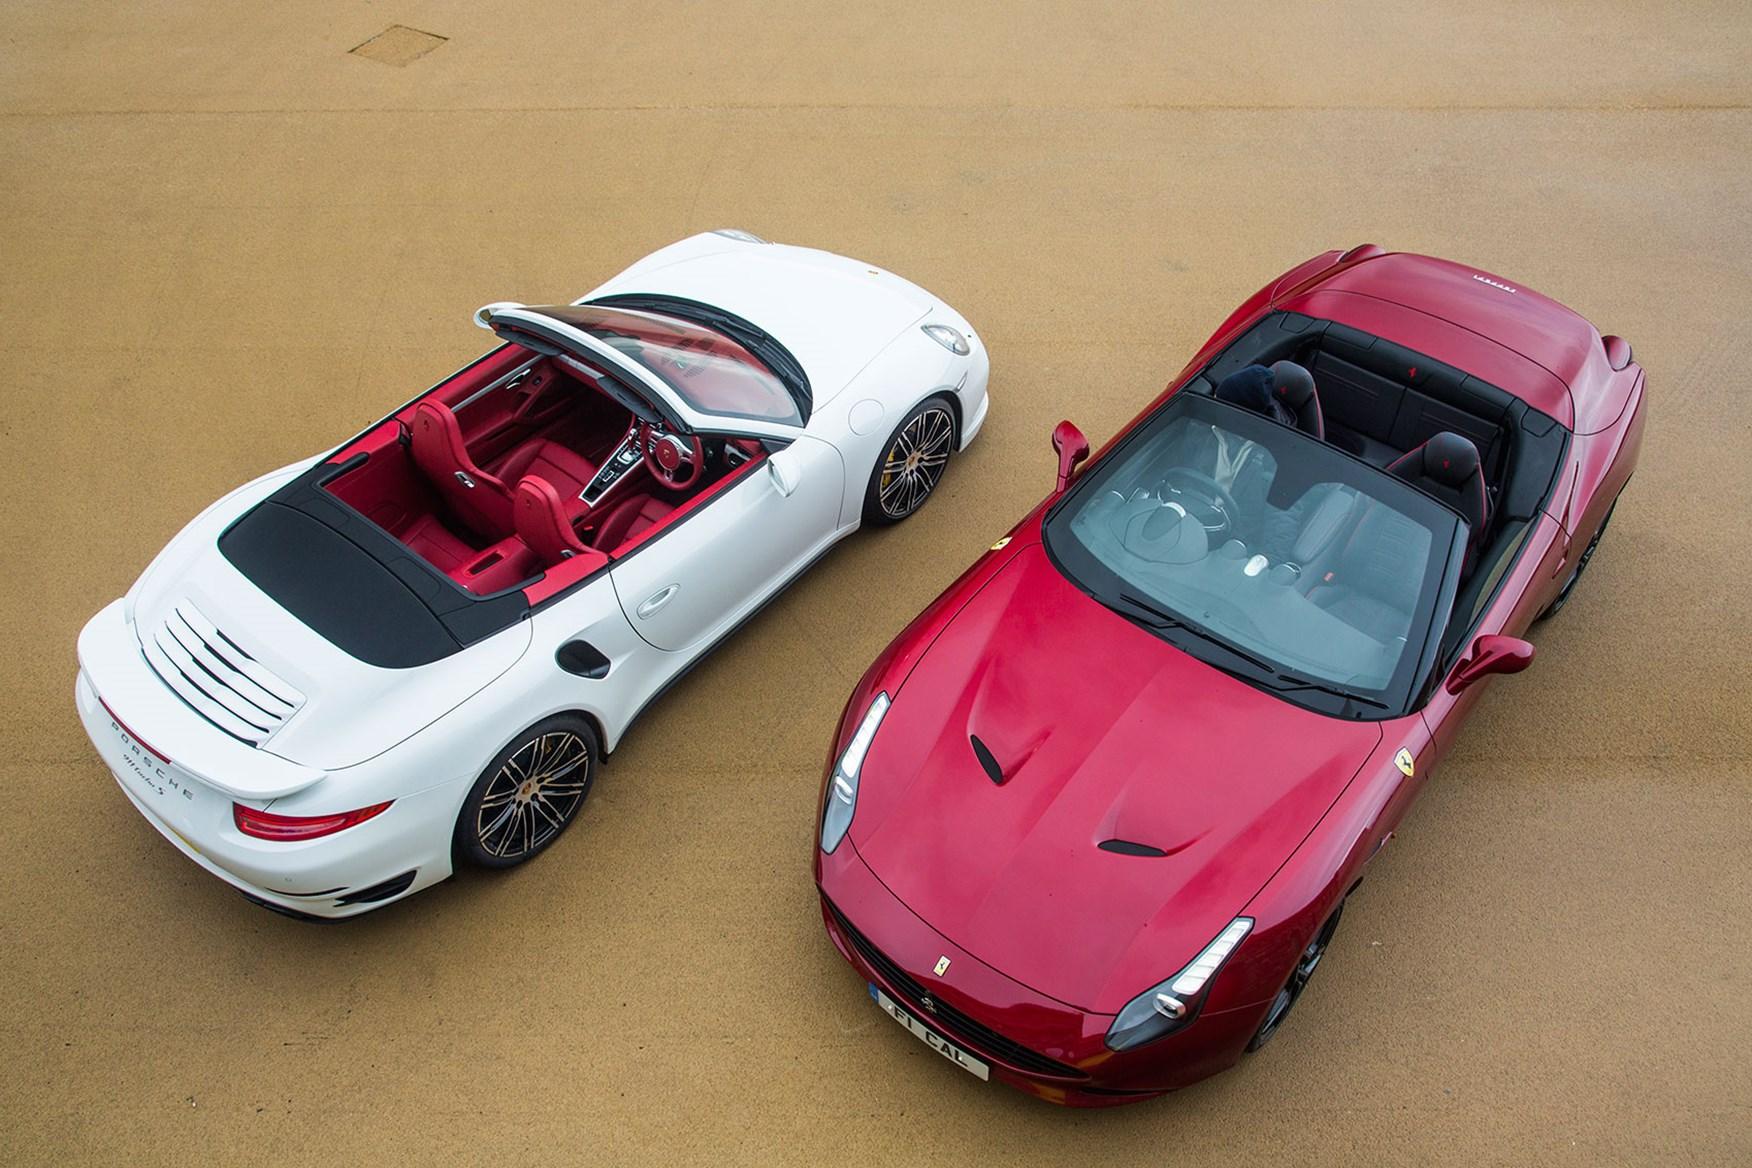 porsche 911 turbo s cabrio vs ferrari california t twin test review rh carmagazine co uk Breaker Box Car Fuse Box